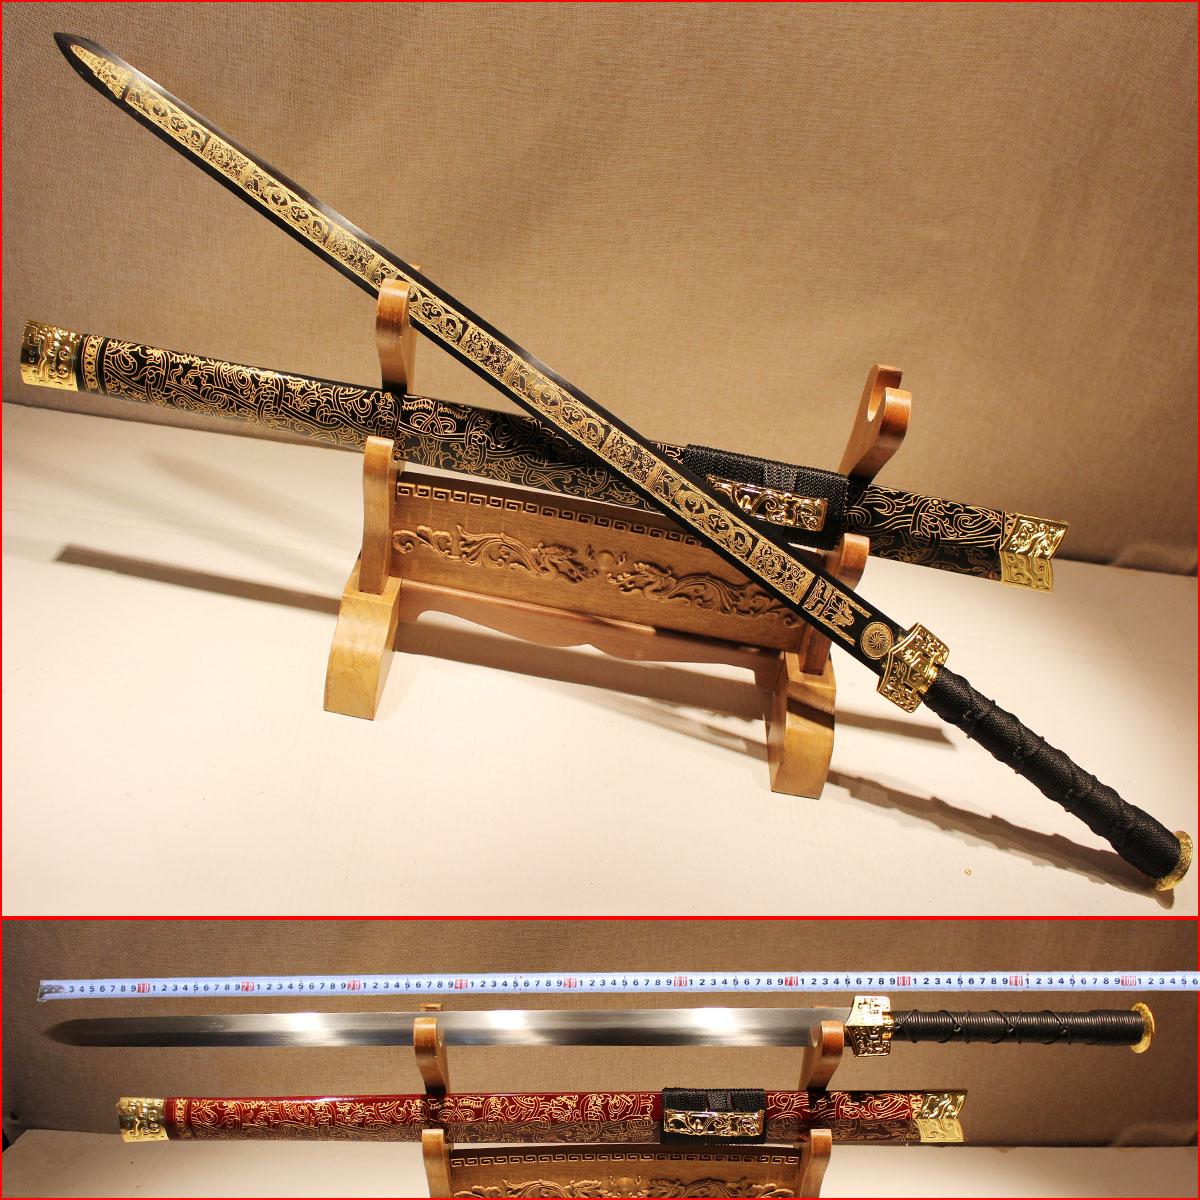 龙泉余氏长款汉剑镇宅宝剑古剑唐剑刀剑锰钢刀具防身冷兵器未开刃